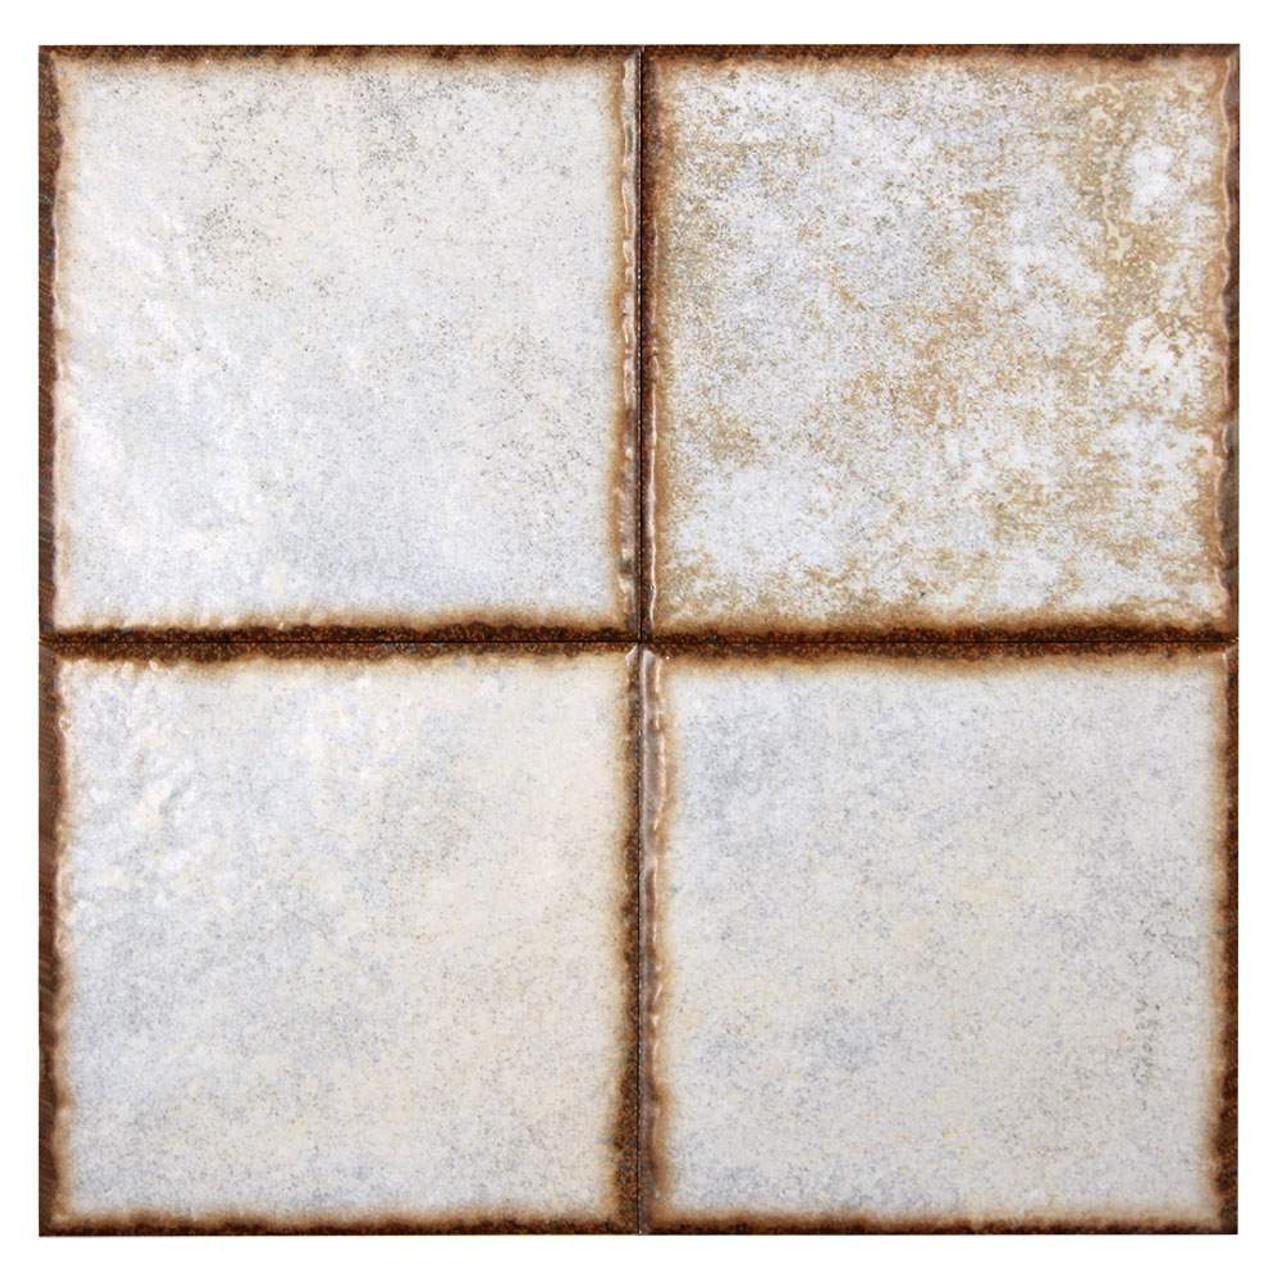 benisa white 6x6 porcelain pool grade tile box of 9 8 sq ft